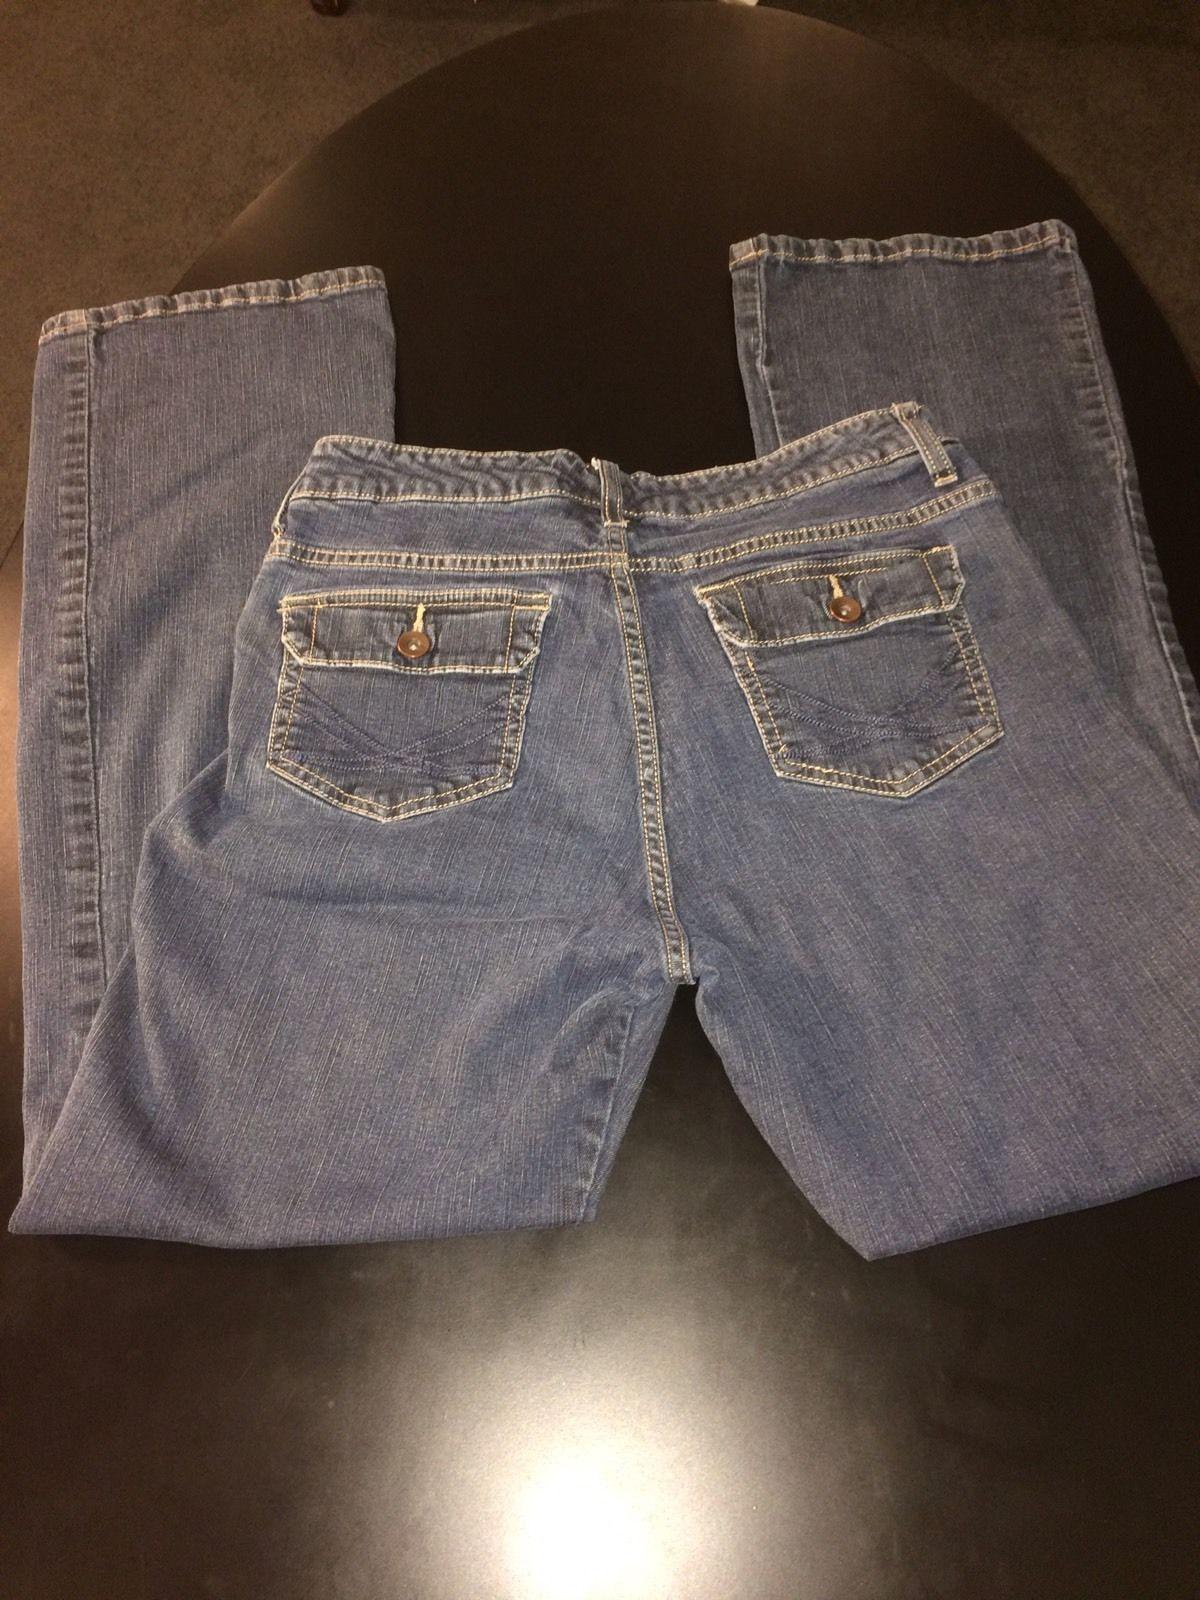 Lee Slender Secret Womens Jeans Size Medium Bin # 9